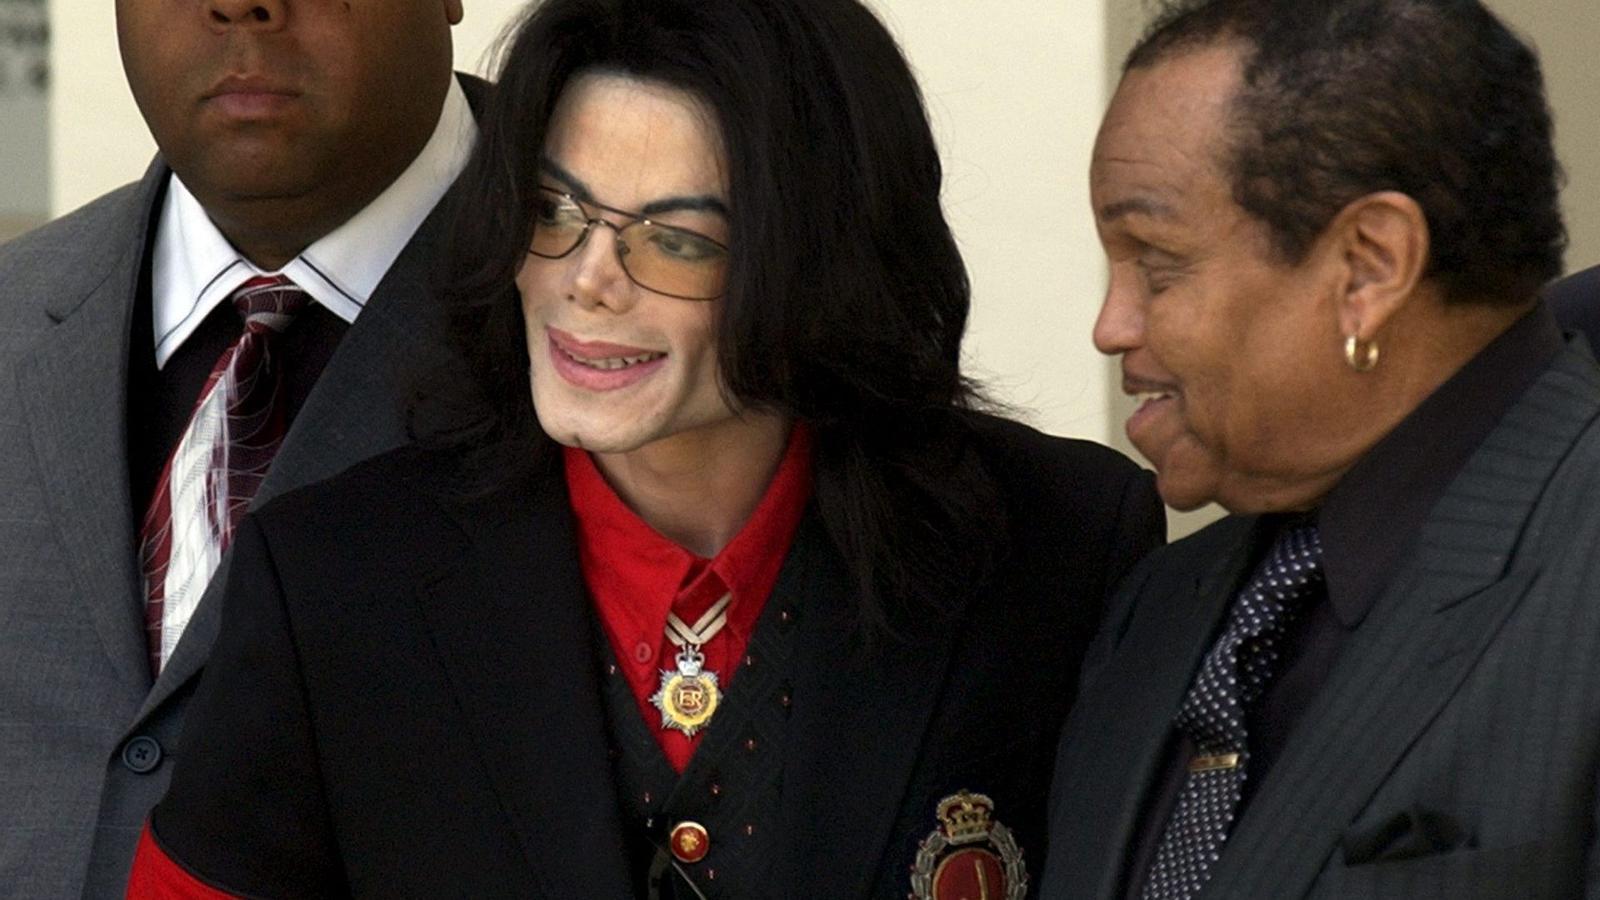 Sundance estrenarà un documental sobre els presumptes abusos sexuals de Michael Jackson